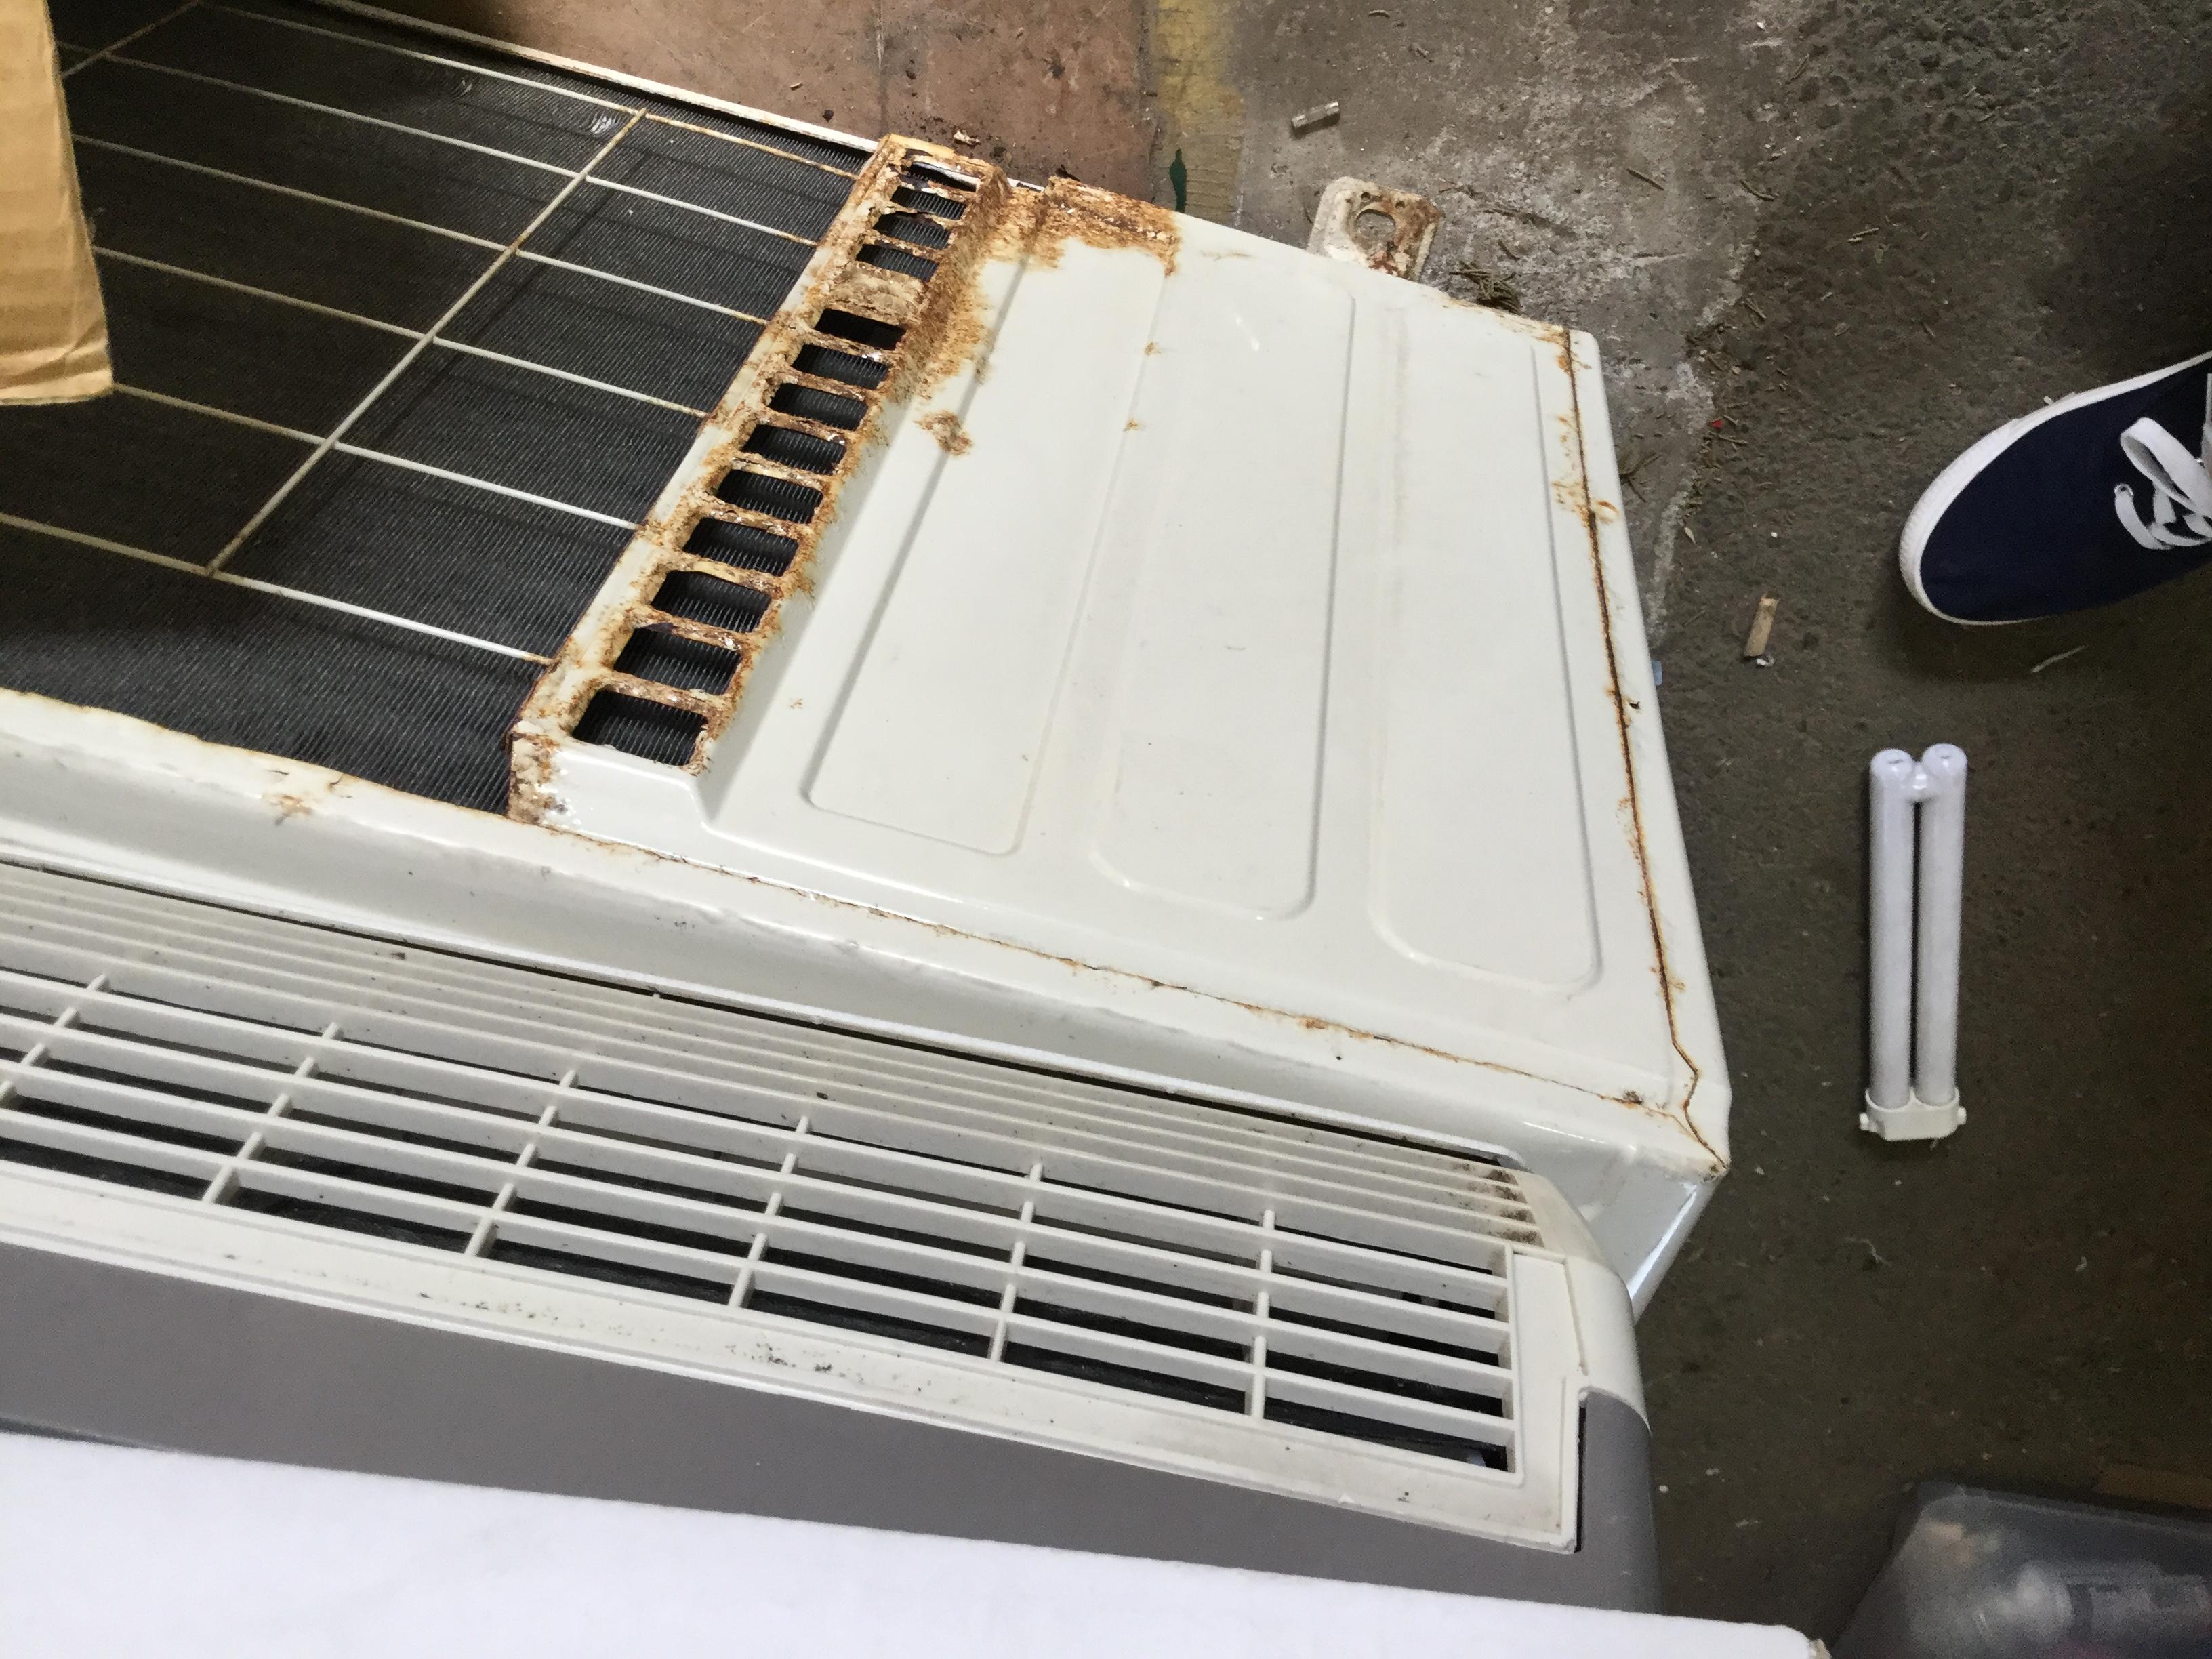 姫路市大津区付近で回収させて頂いたエアコンです。